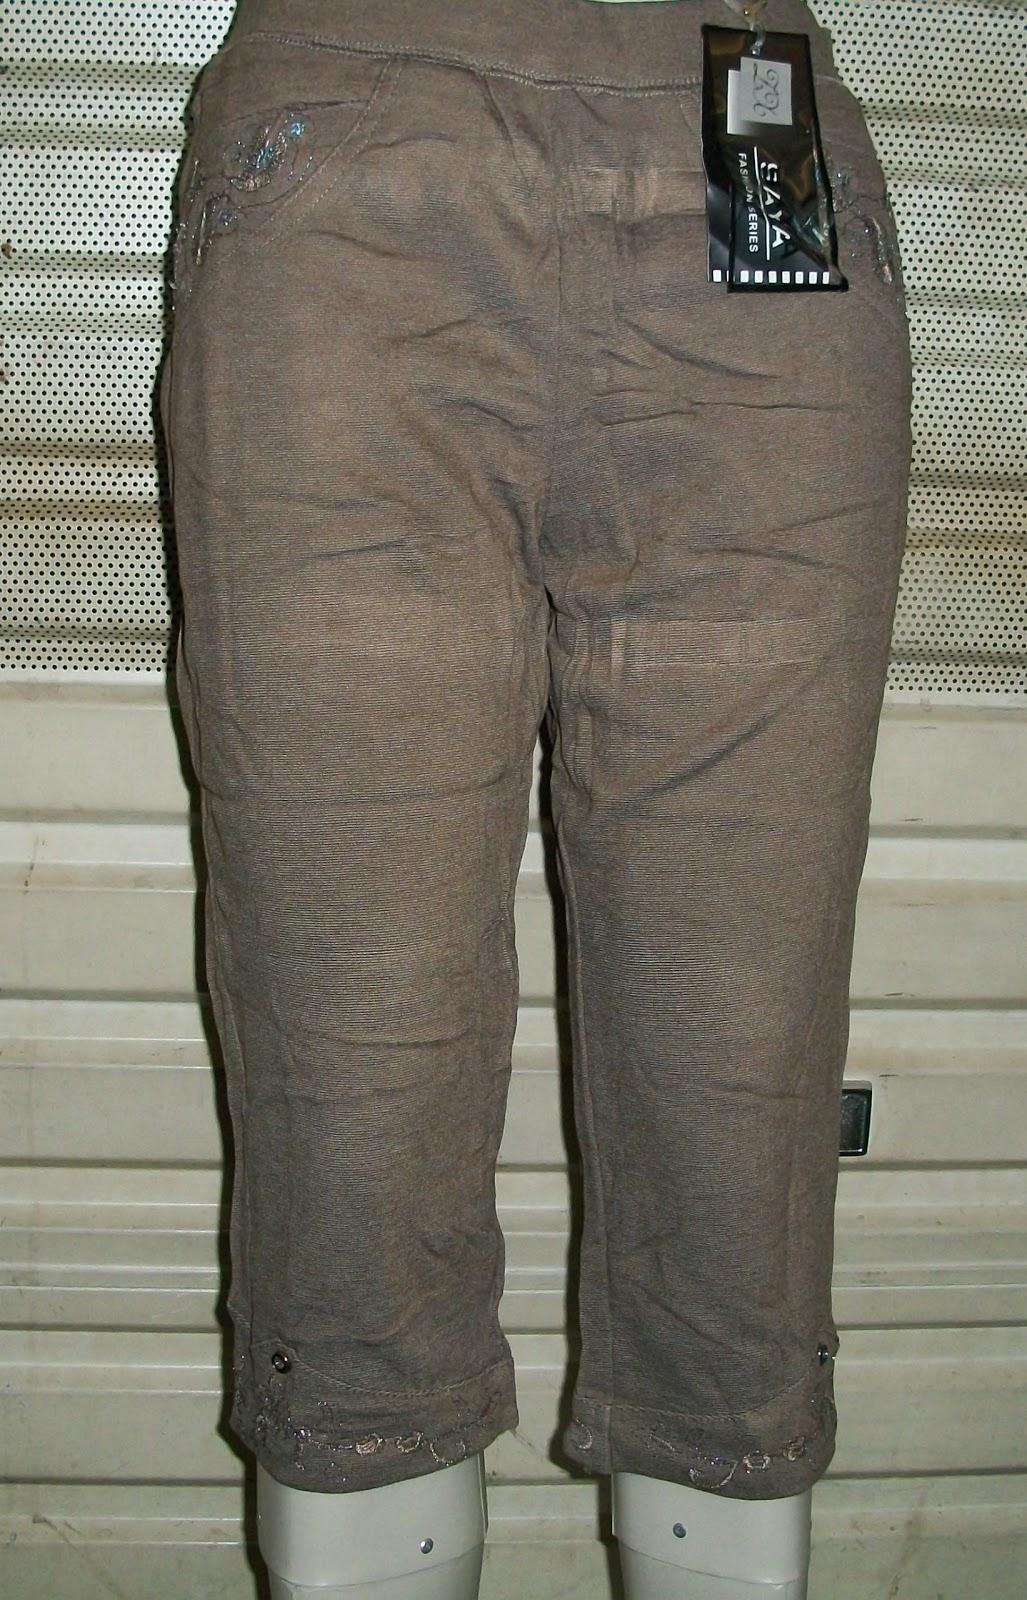 Toko Rok Dan Celana Wanita Dejifa Celana Legging Spandex Pendek Merk Saya